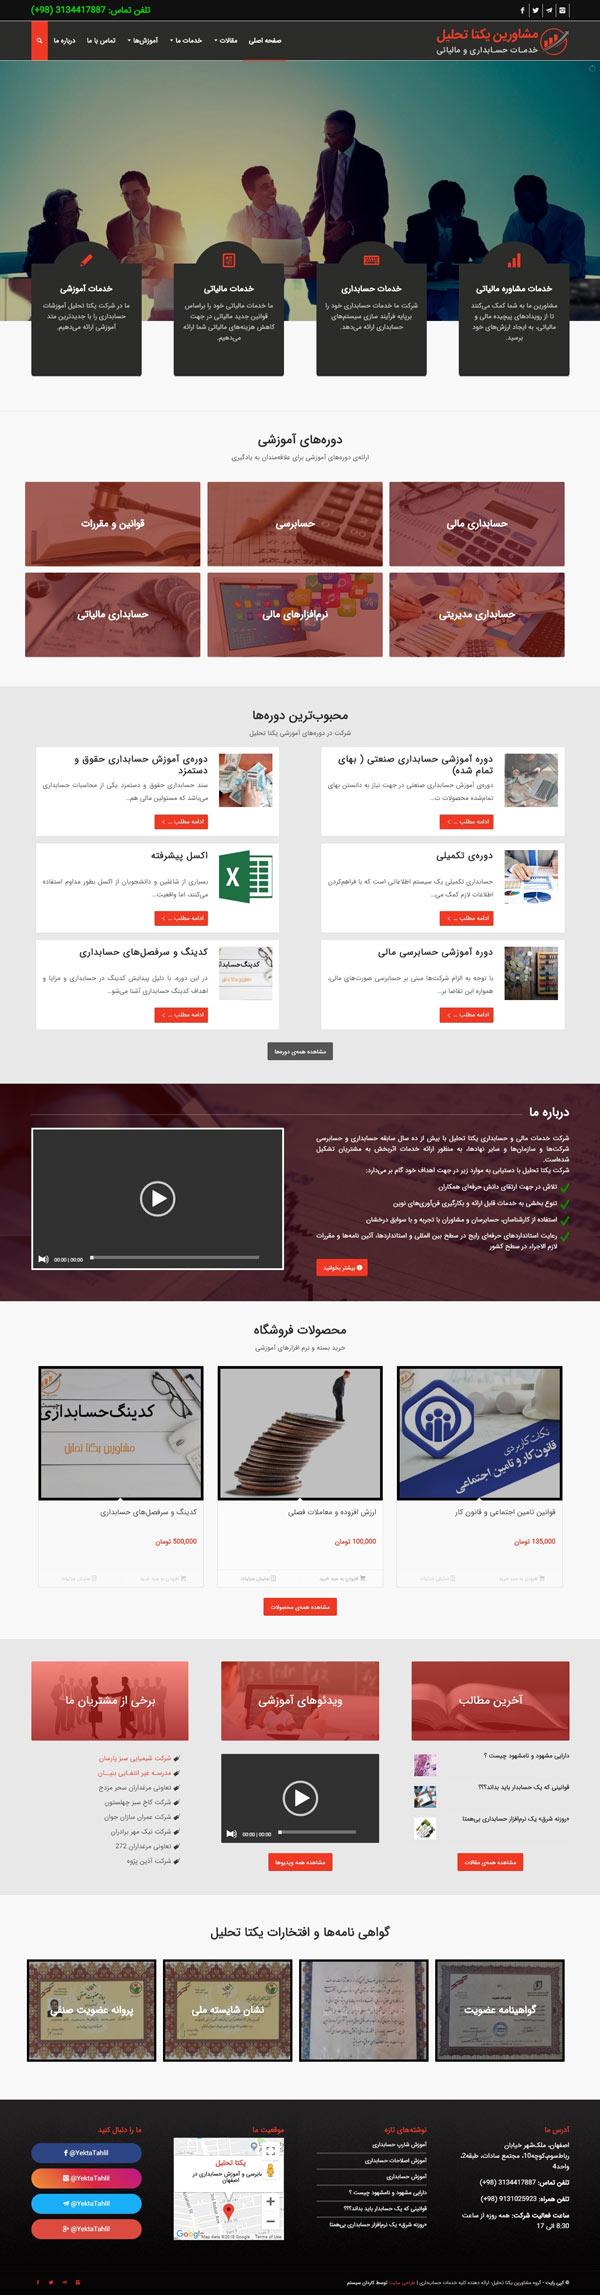 طراحی سایت یکتا تحلیل | آموزش و مشاوره حسابداری و مالیاتی